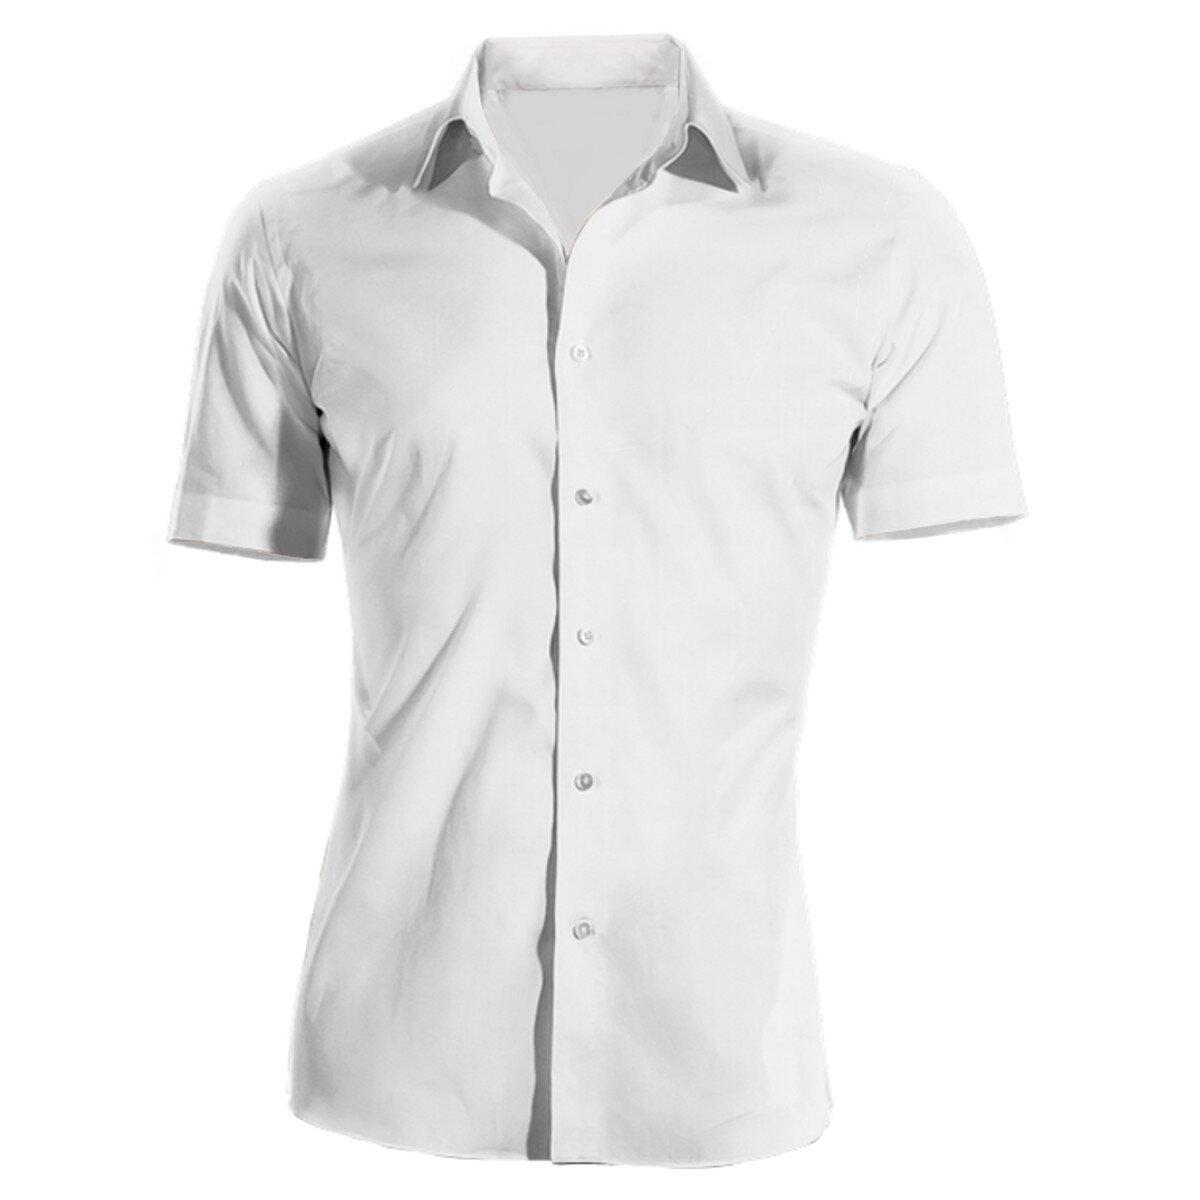 Pracovná košeľa pánska biela krátky rukáv 100 % bavlna s úpravou pre ľahké  žehlenie 971712b0a7